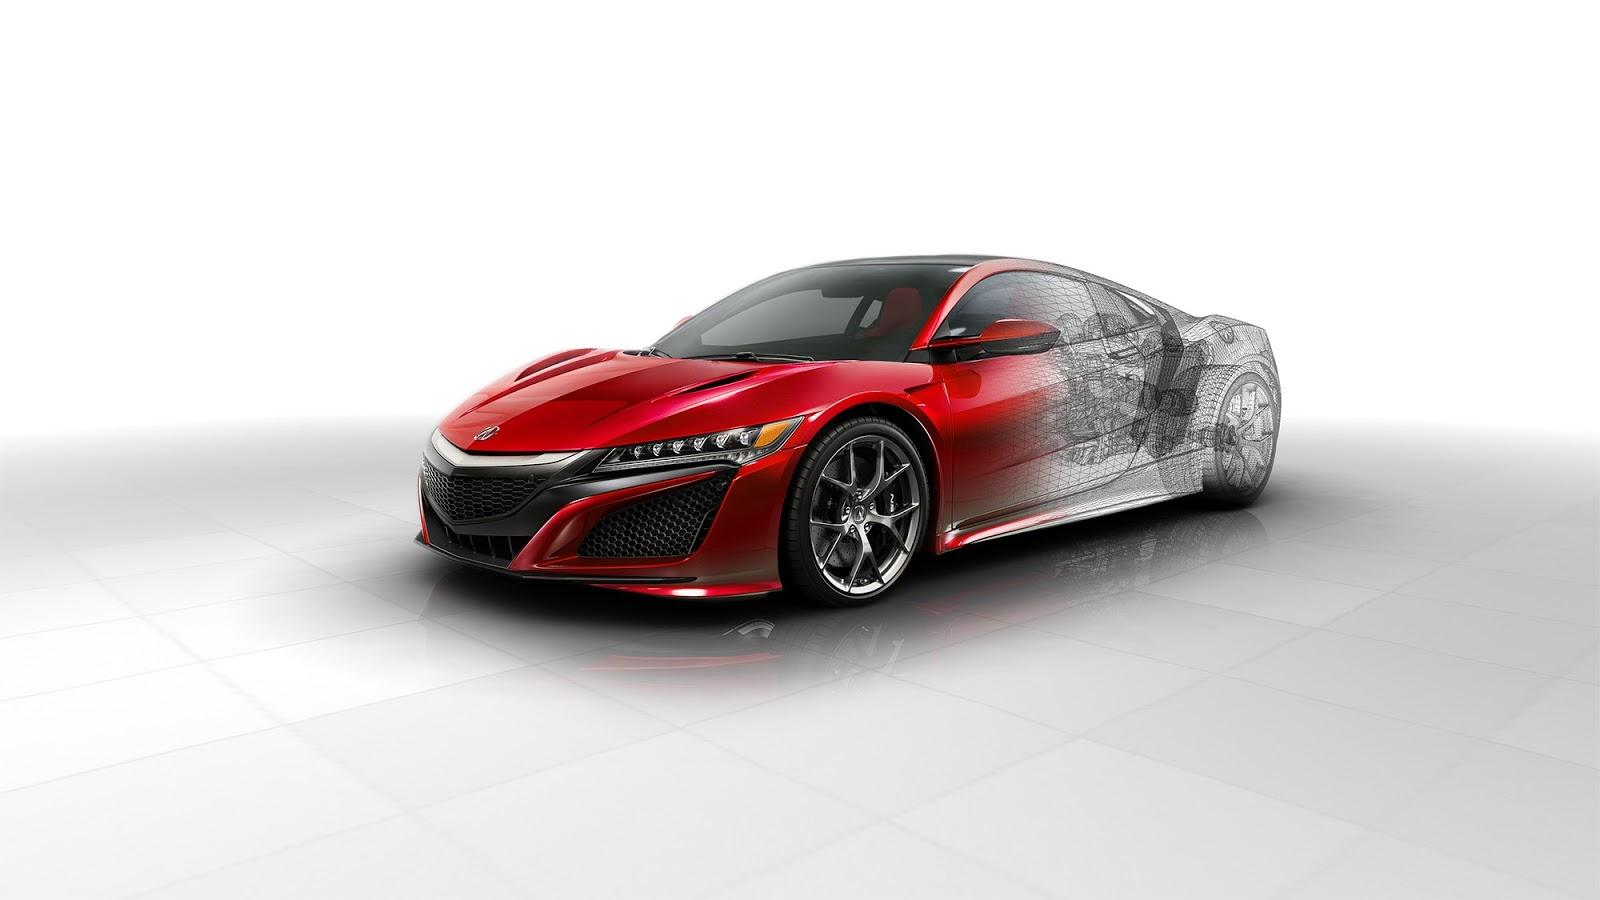 54634 2015 Honda NSX SAE Honda NSX: Ακτινογραφώντας το τέρας car, cars, Honda, Honda NSX, NSX, zblog, ιπποδύναμη, μεταχειρισμένο, πισωκίνητο, τετρακίνητο, υβριδικό, Χοντα, ψαρ